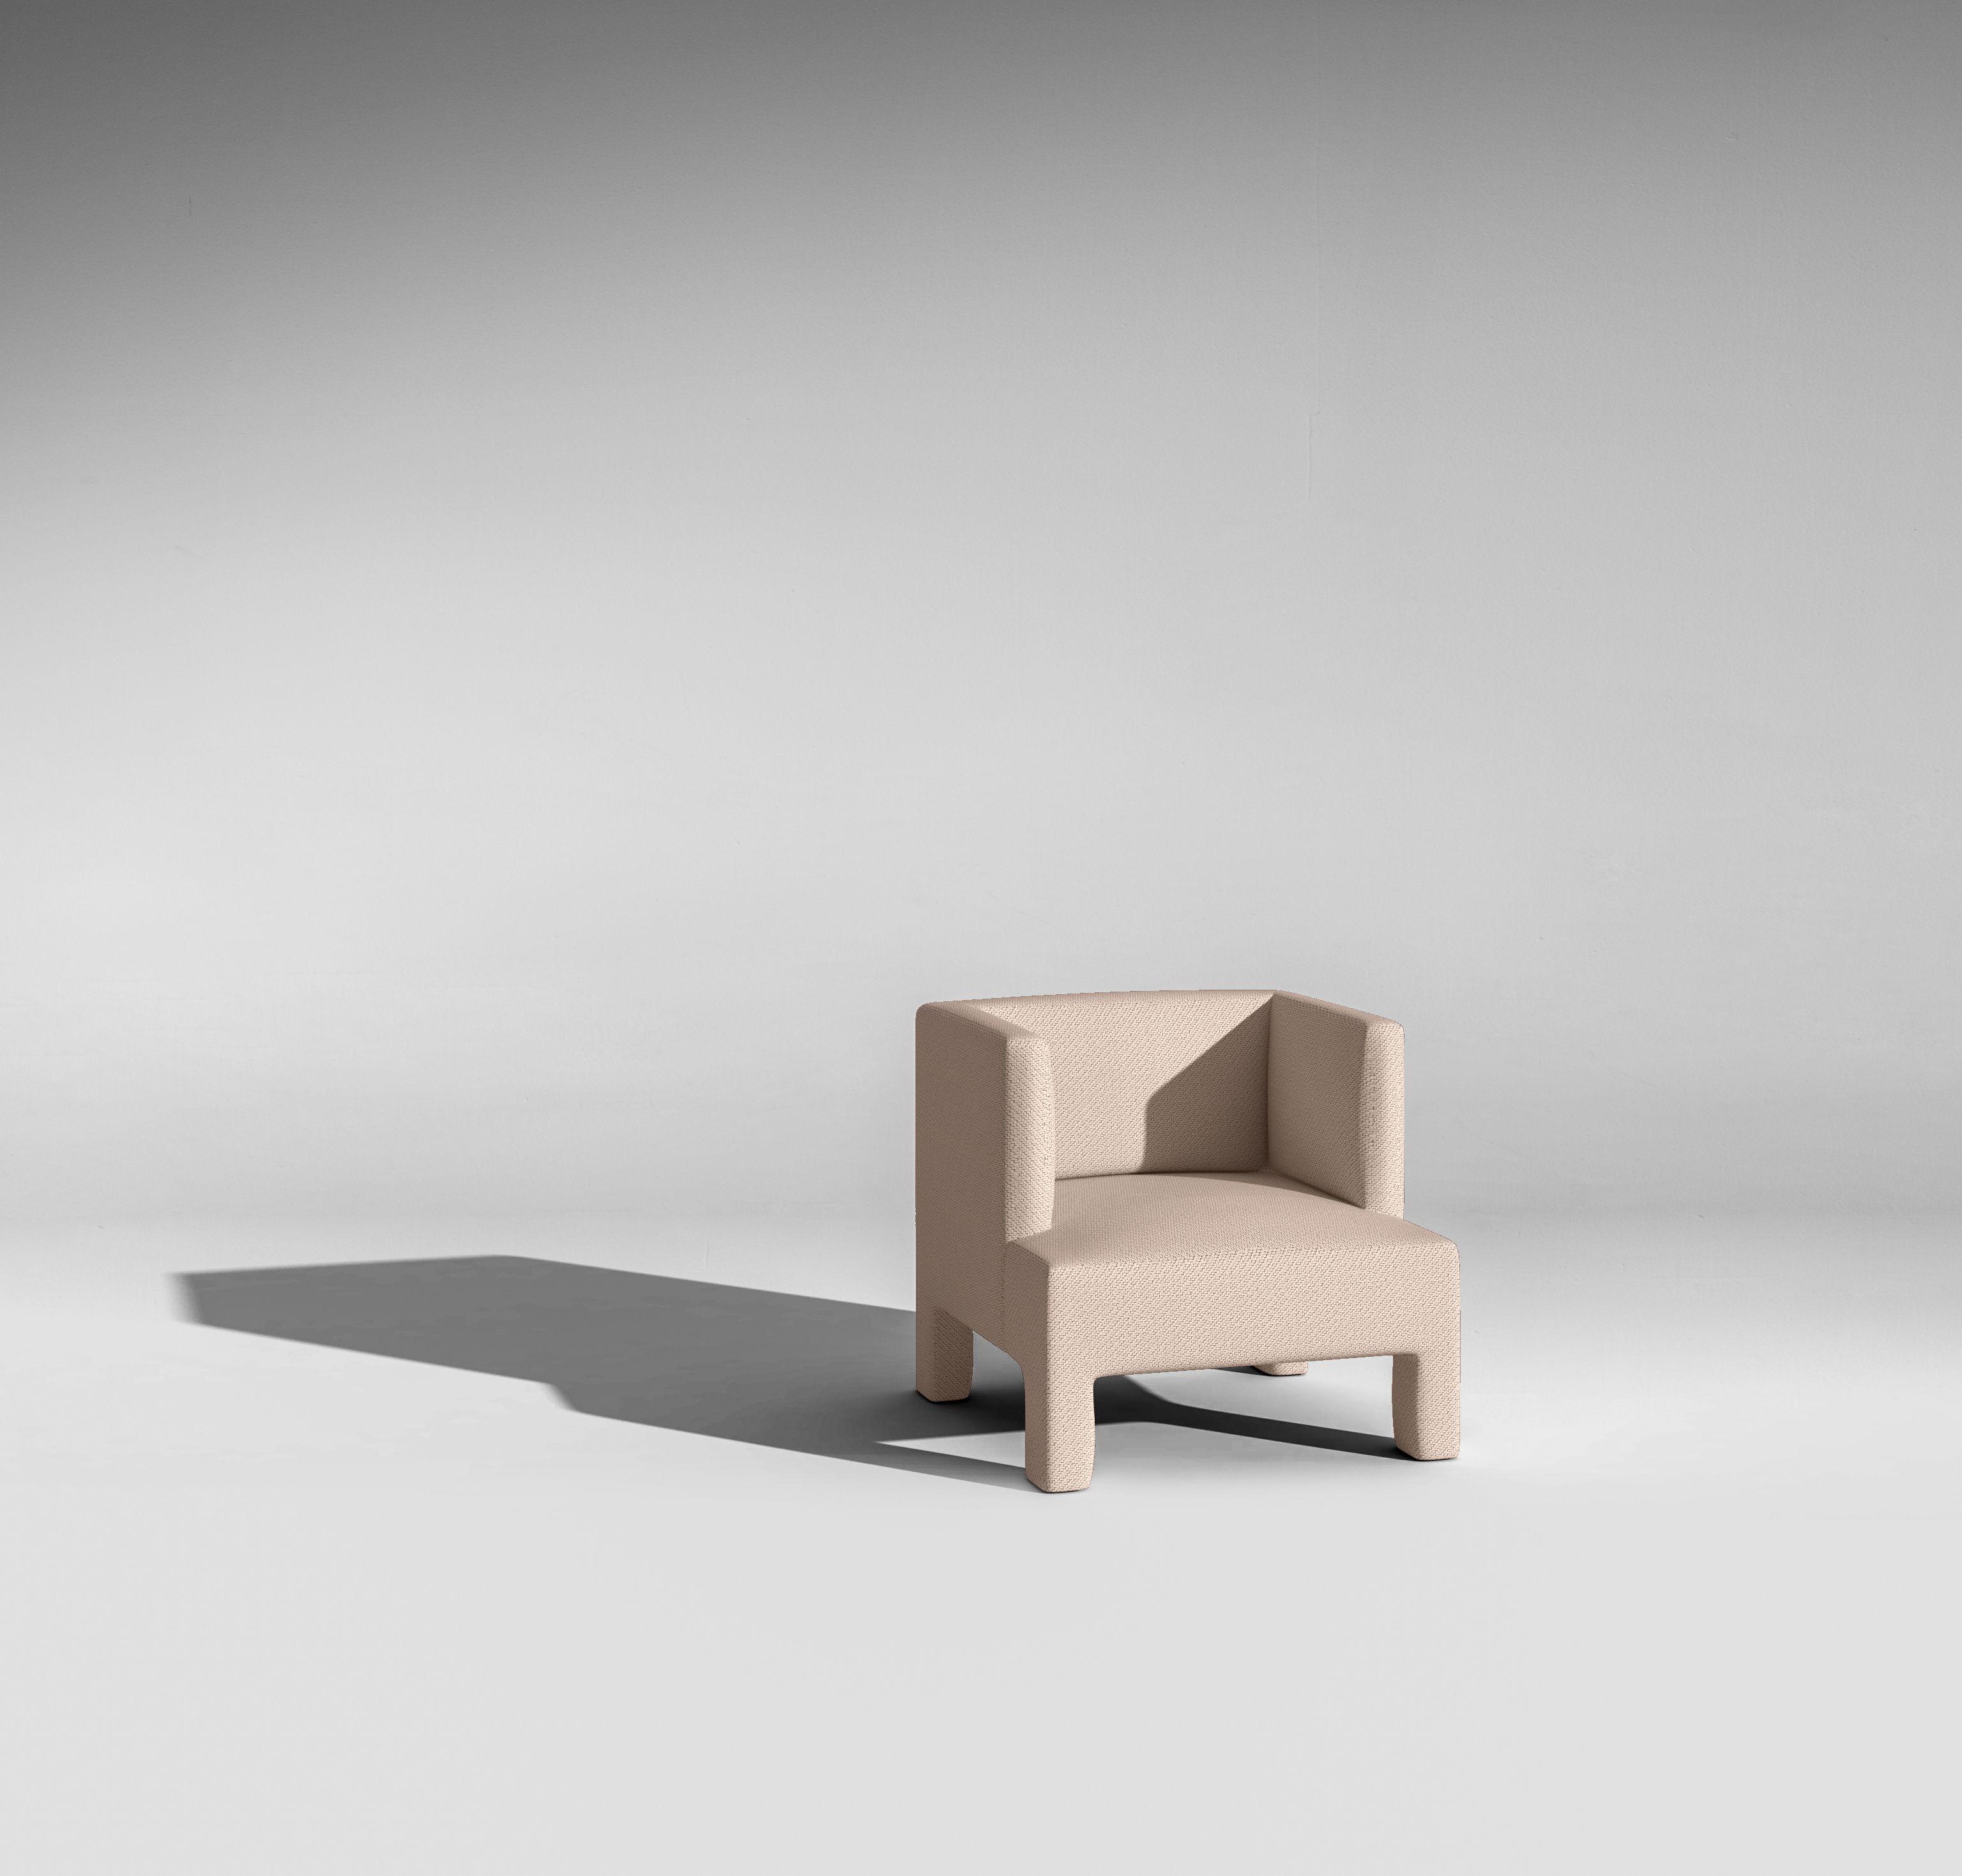 Lirica armchair Driade Design by Ludovica Roberto Palomba Salone del Mobile 2017 Pinterest